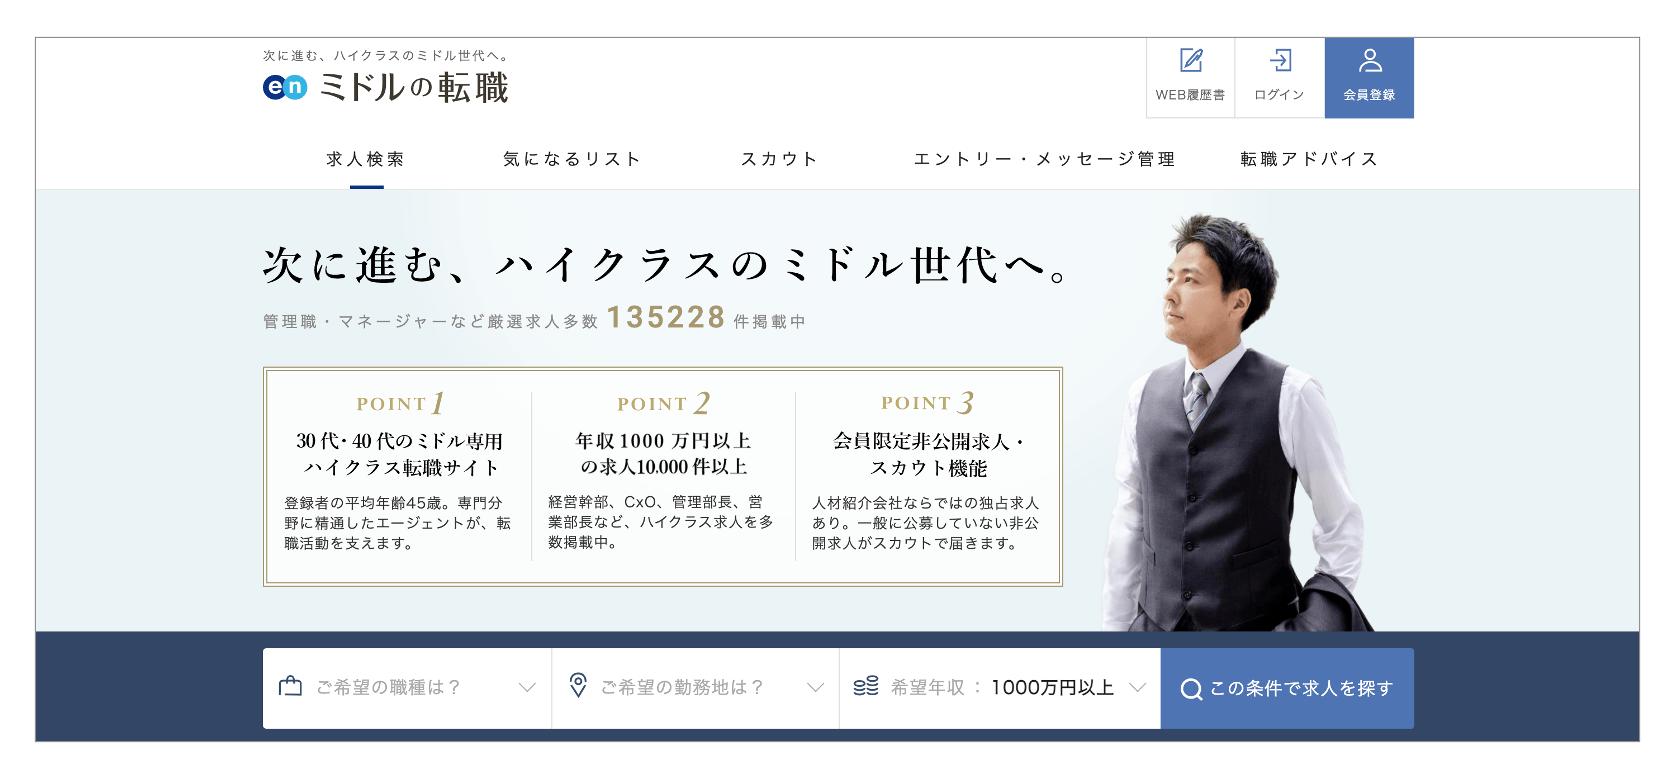 おすすめの転職サイト「ミドルの転職」